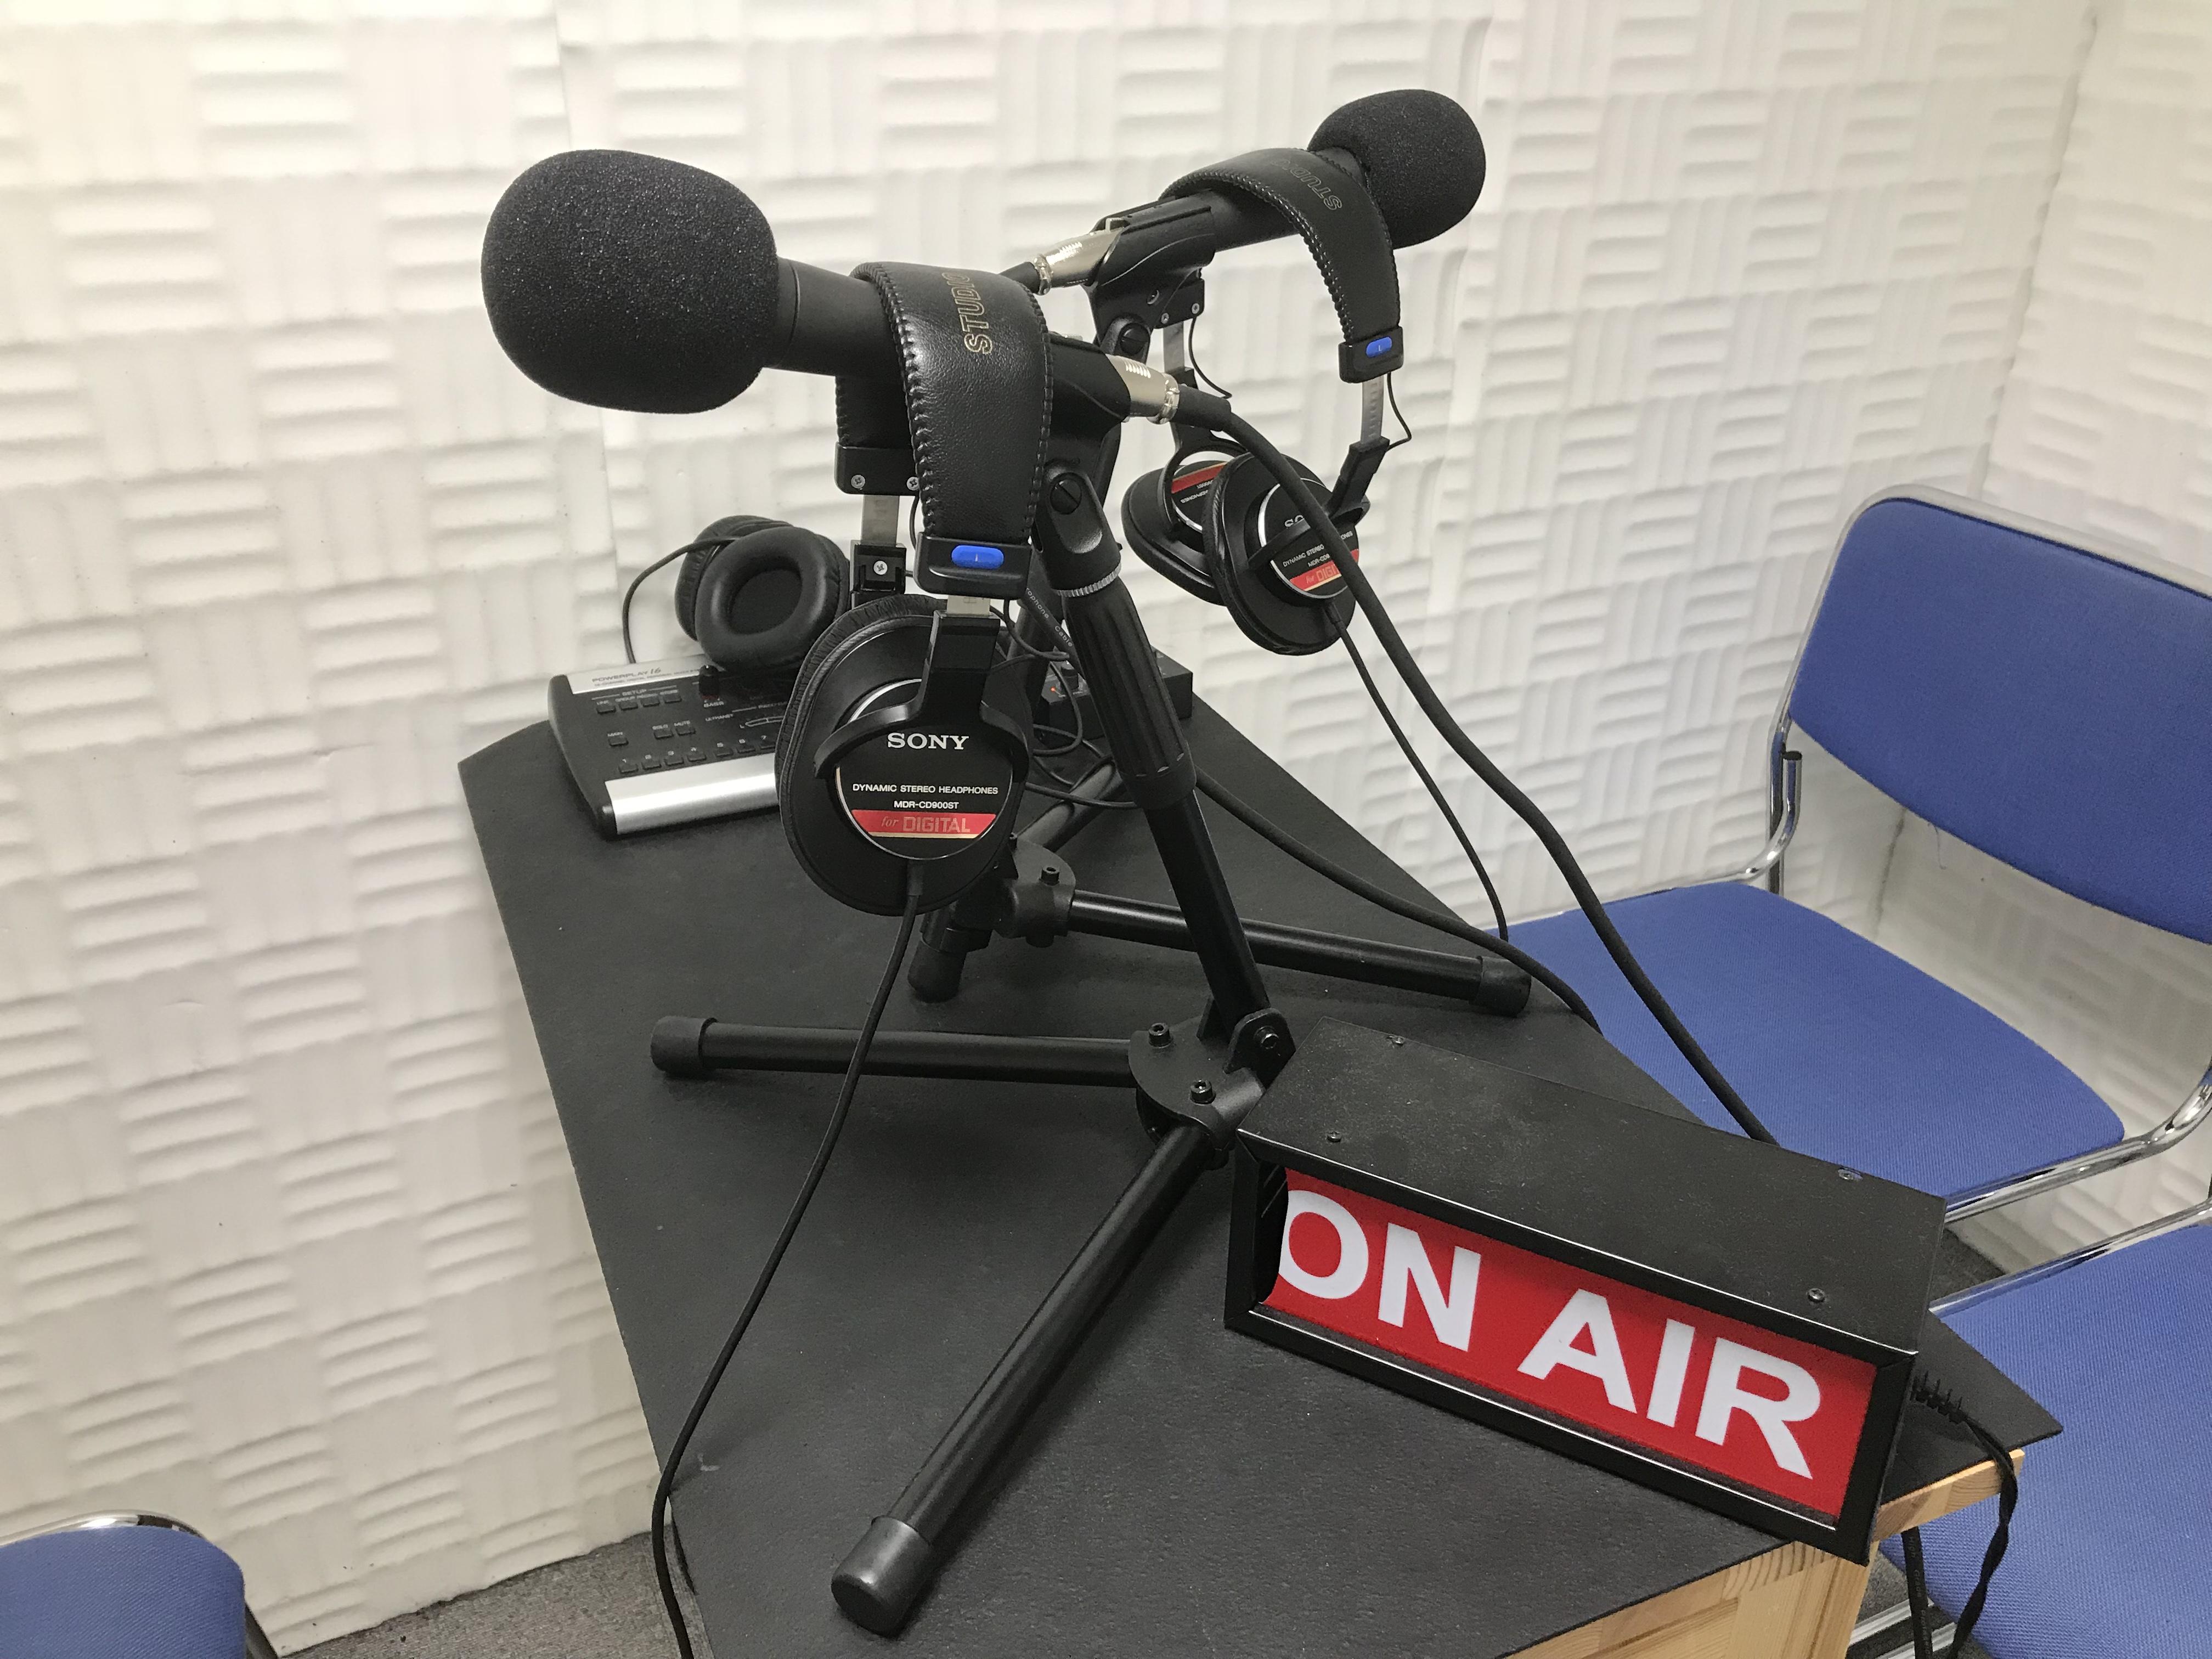 朗読演技ワークショップやラジオ収録、ボイスドラマの近況報告